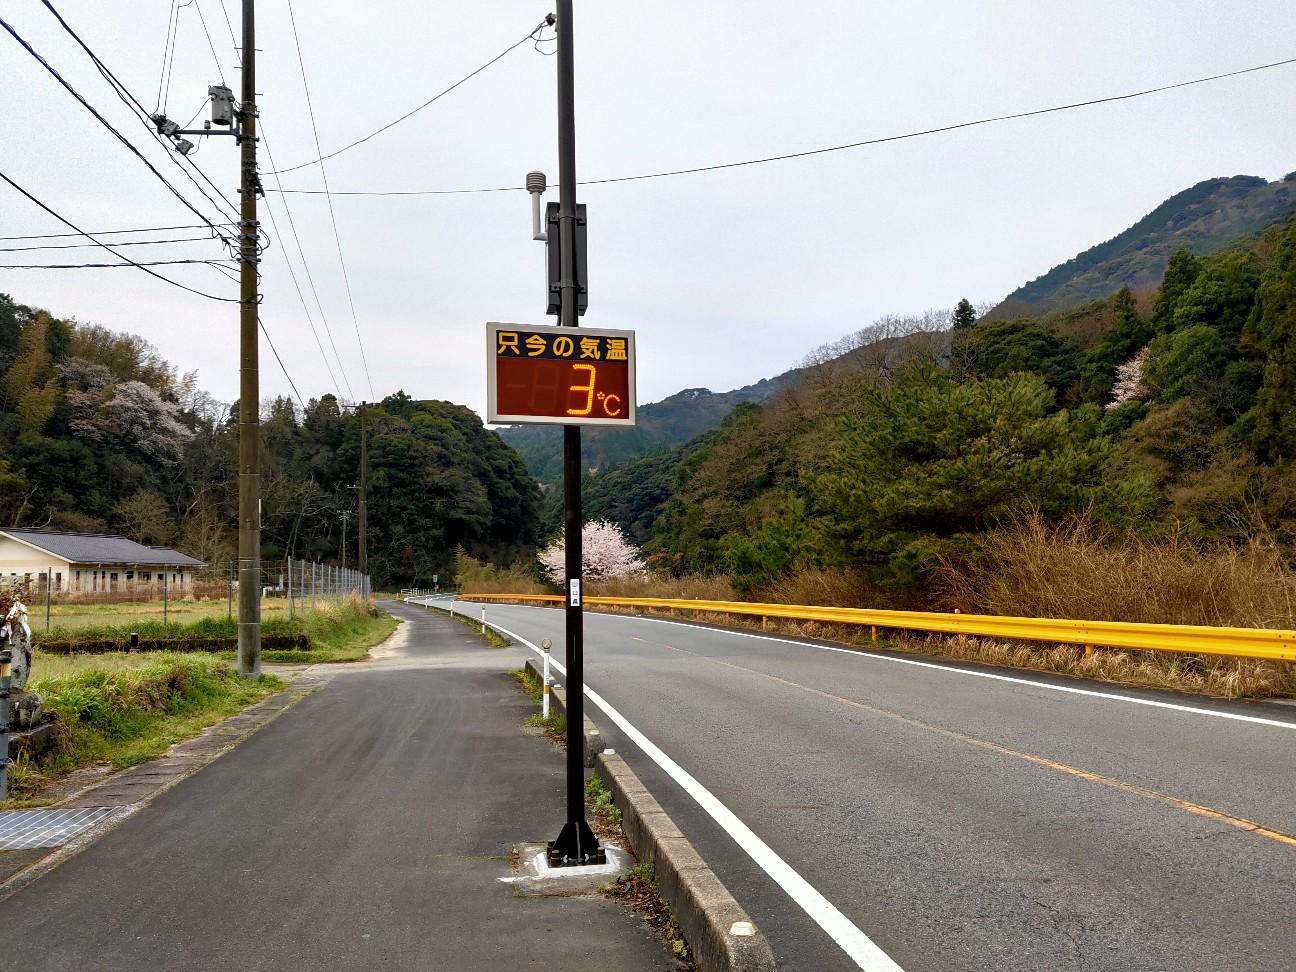 f:id:shingo_shiraishi:20200403213438j:image